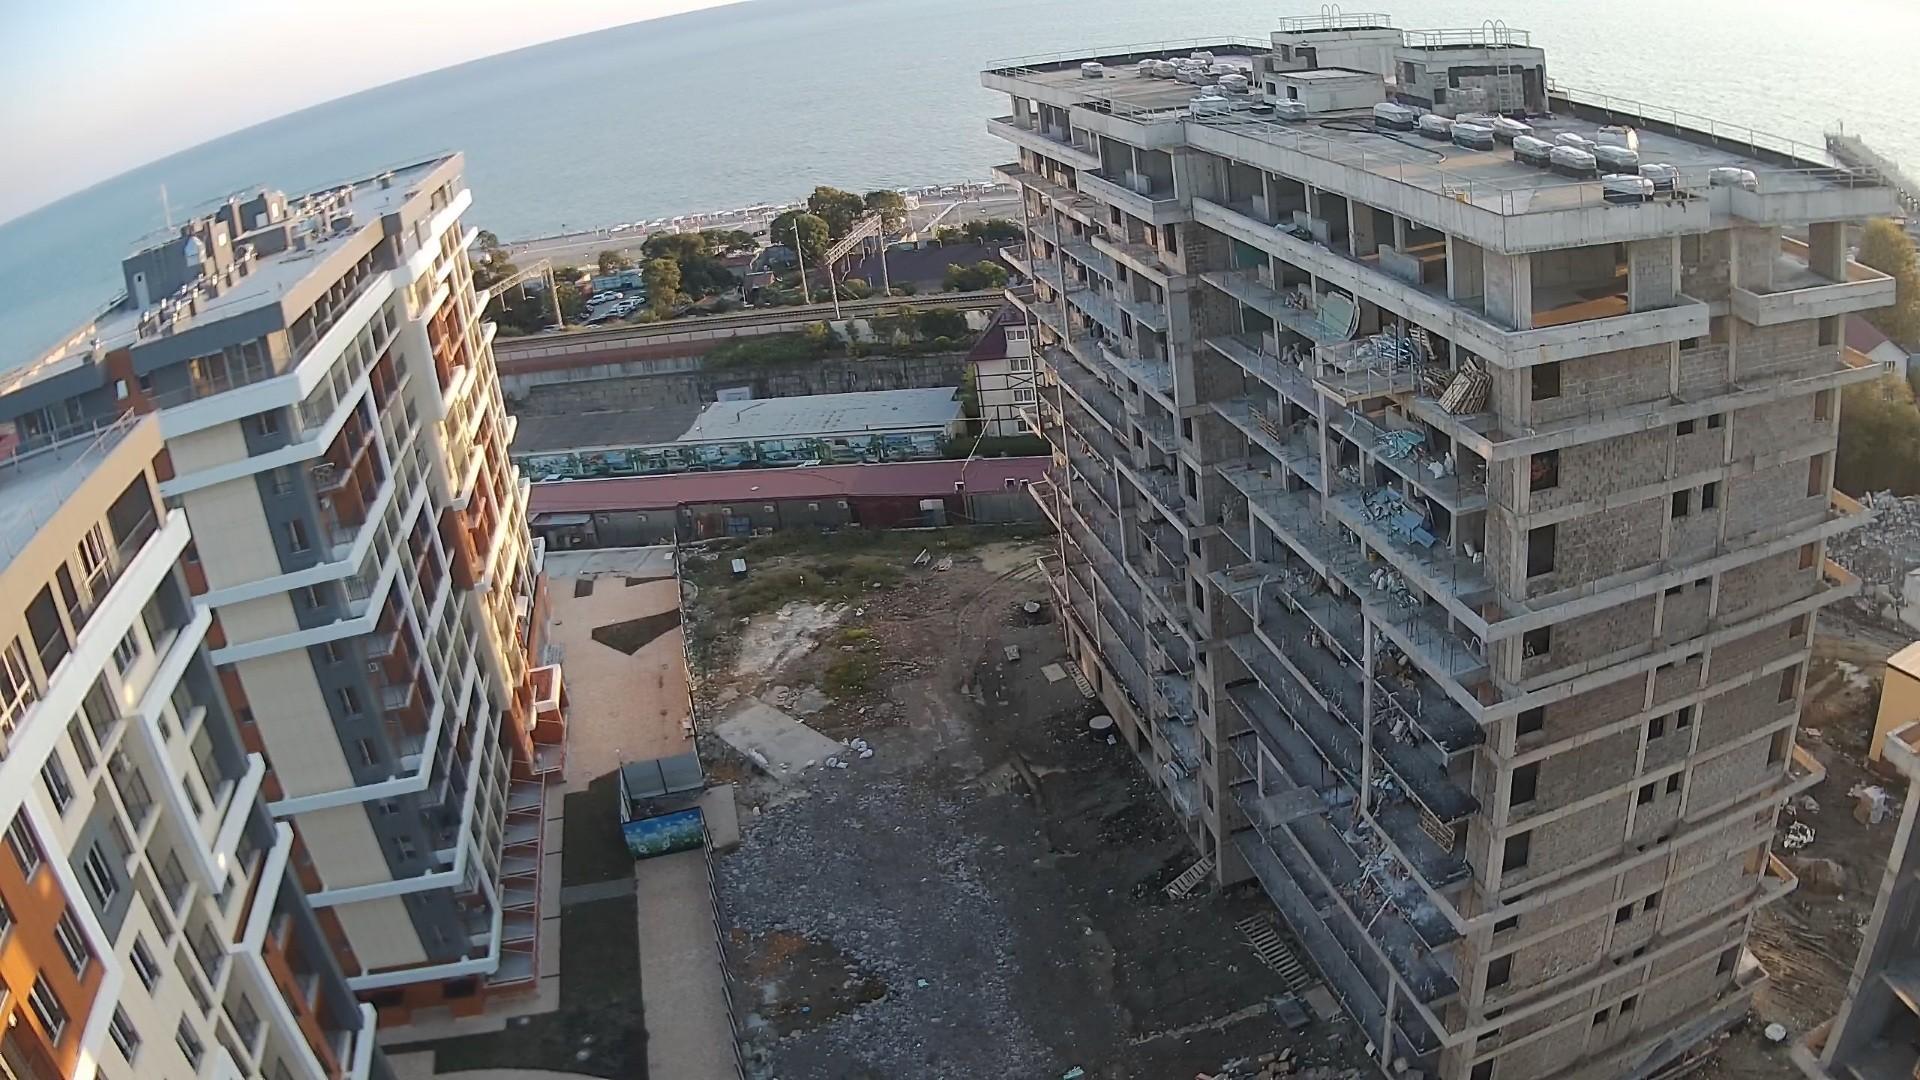 Вебкамера в ЖК «Каравелла Португалии» пос. Дагомыс, стройплощадка камера 2